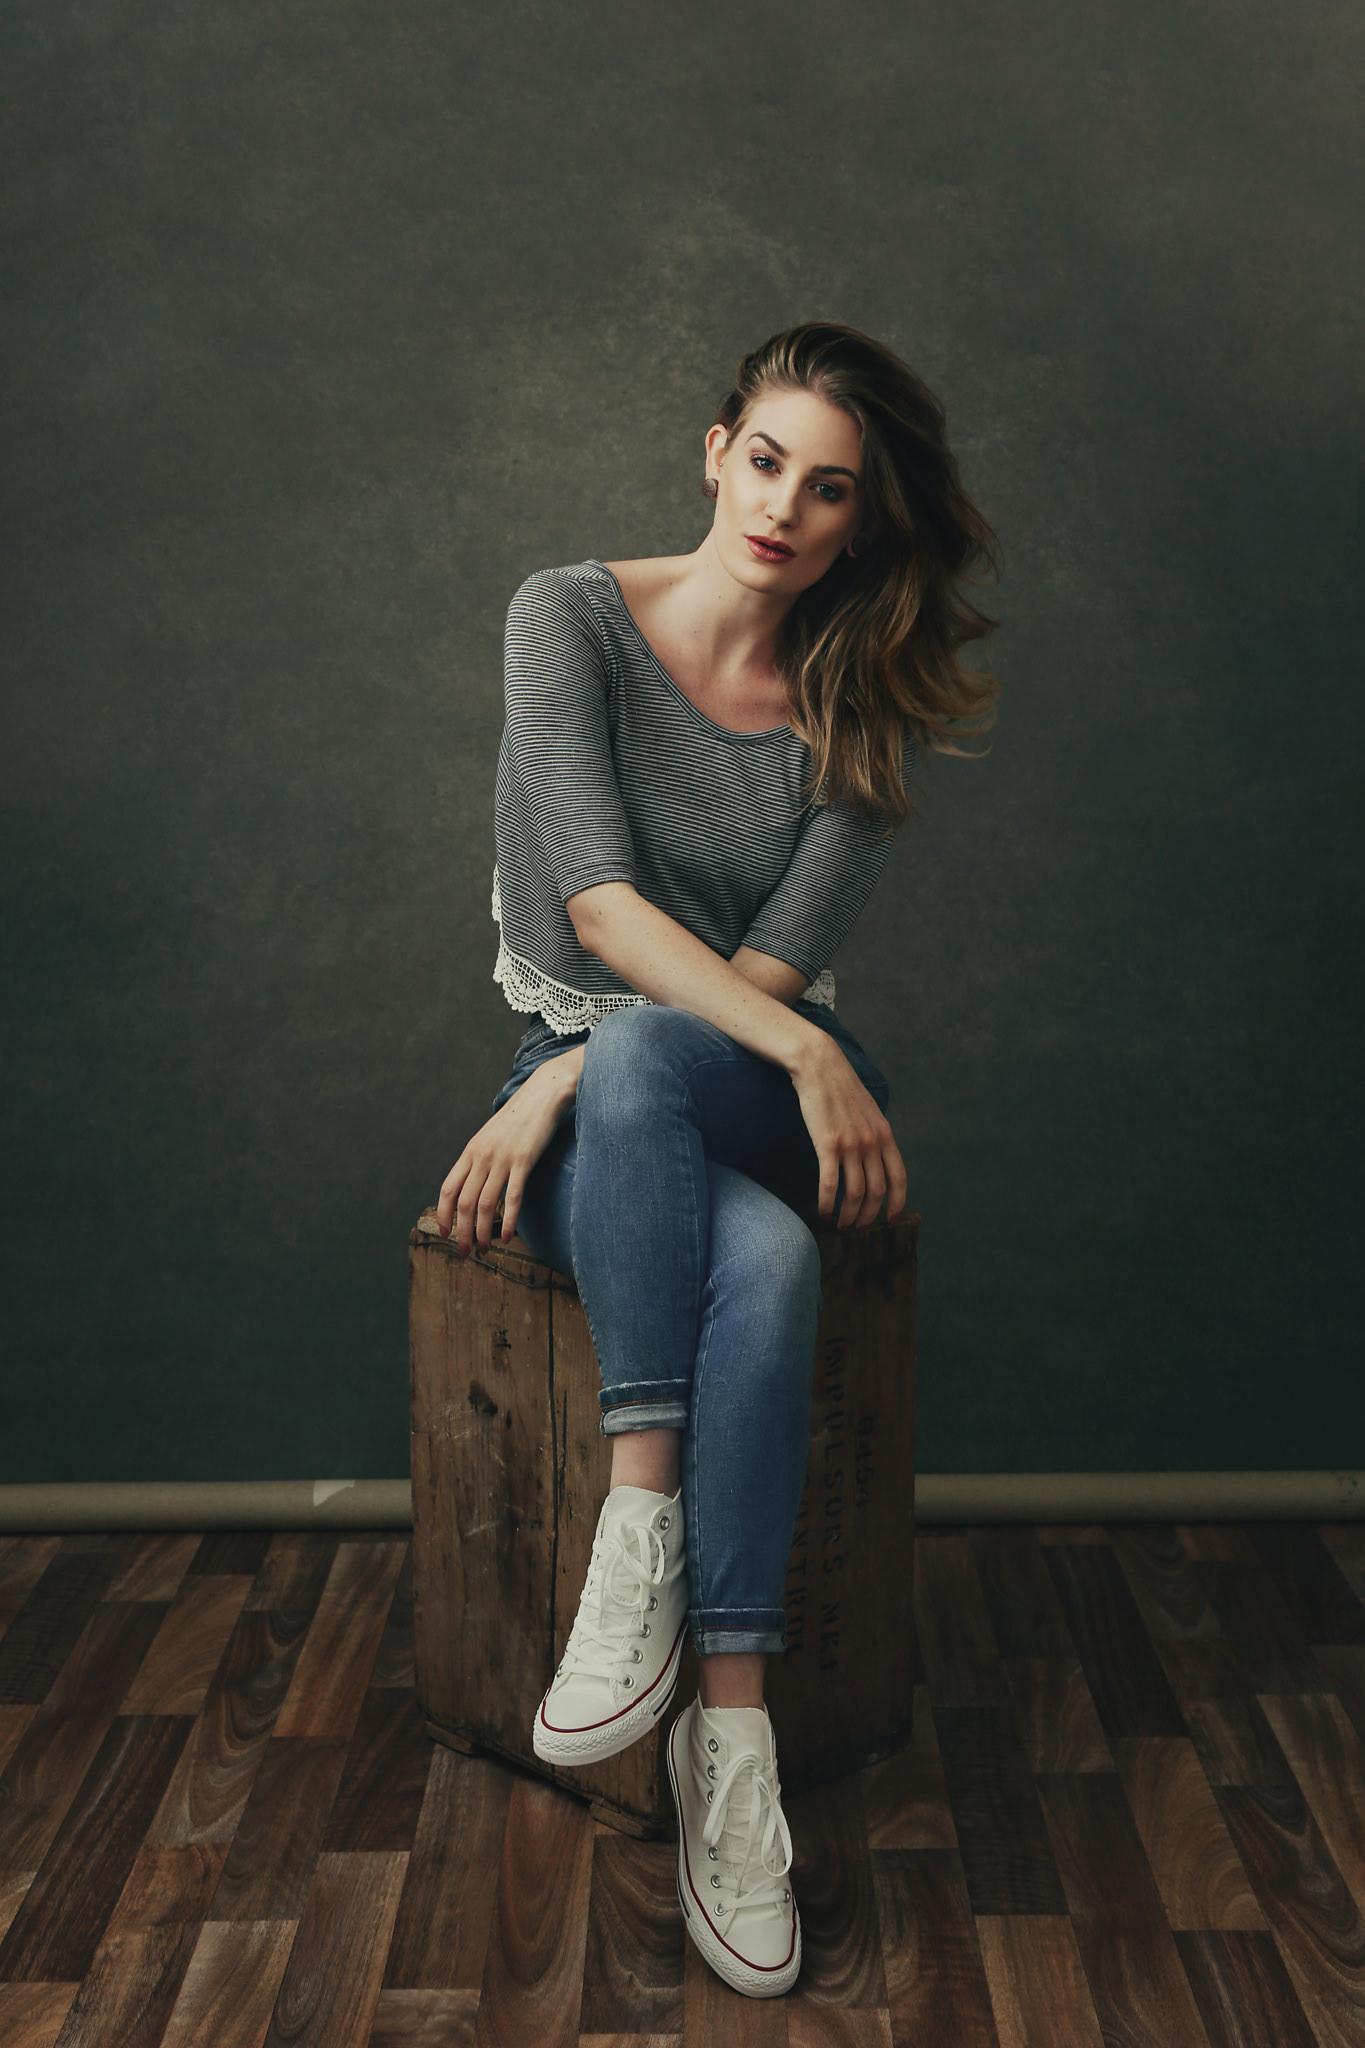 Artemis Fauna jeans & converse